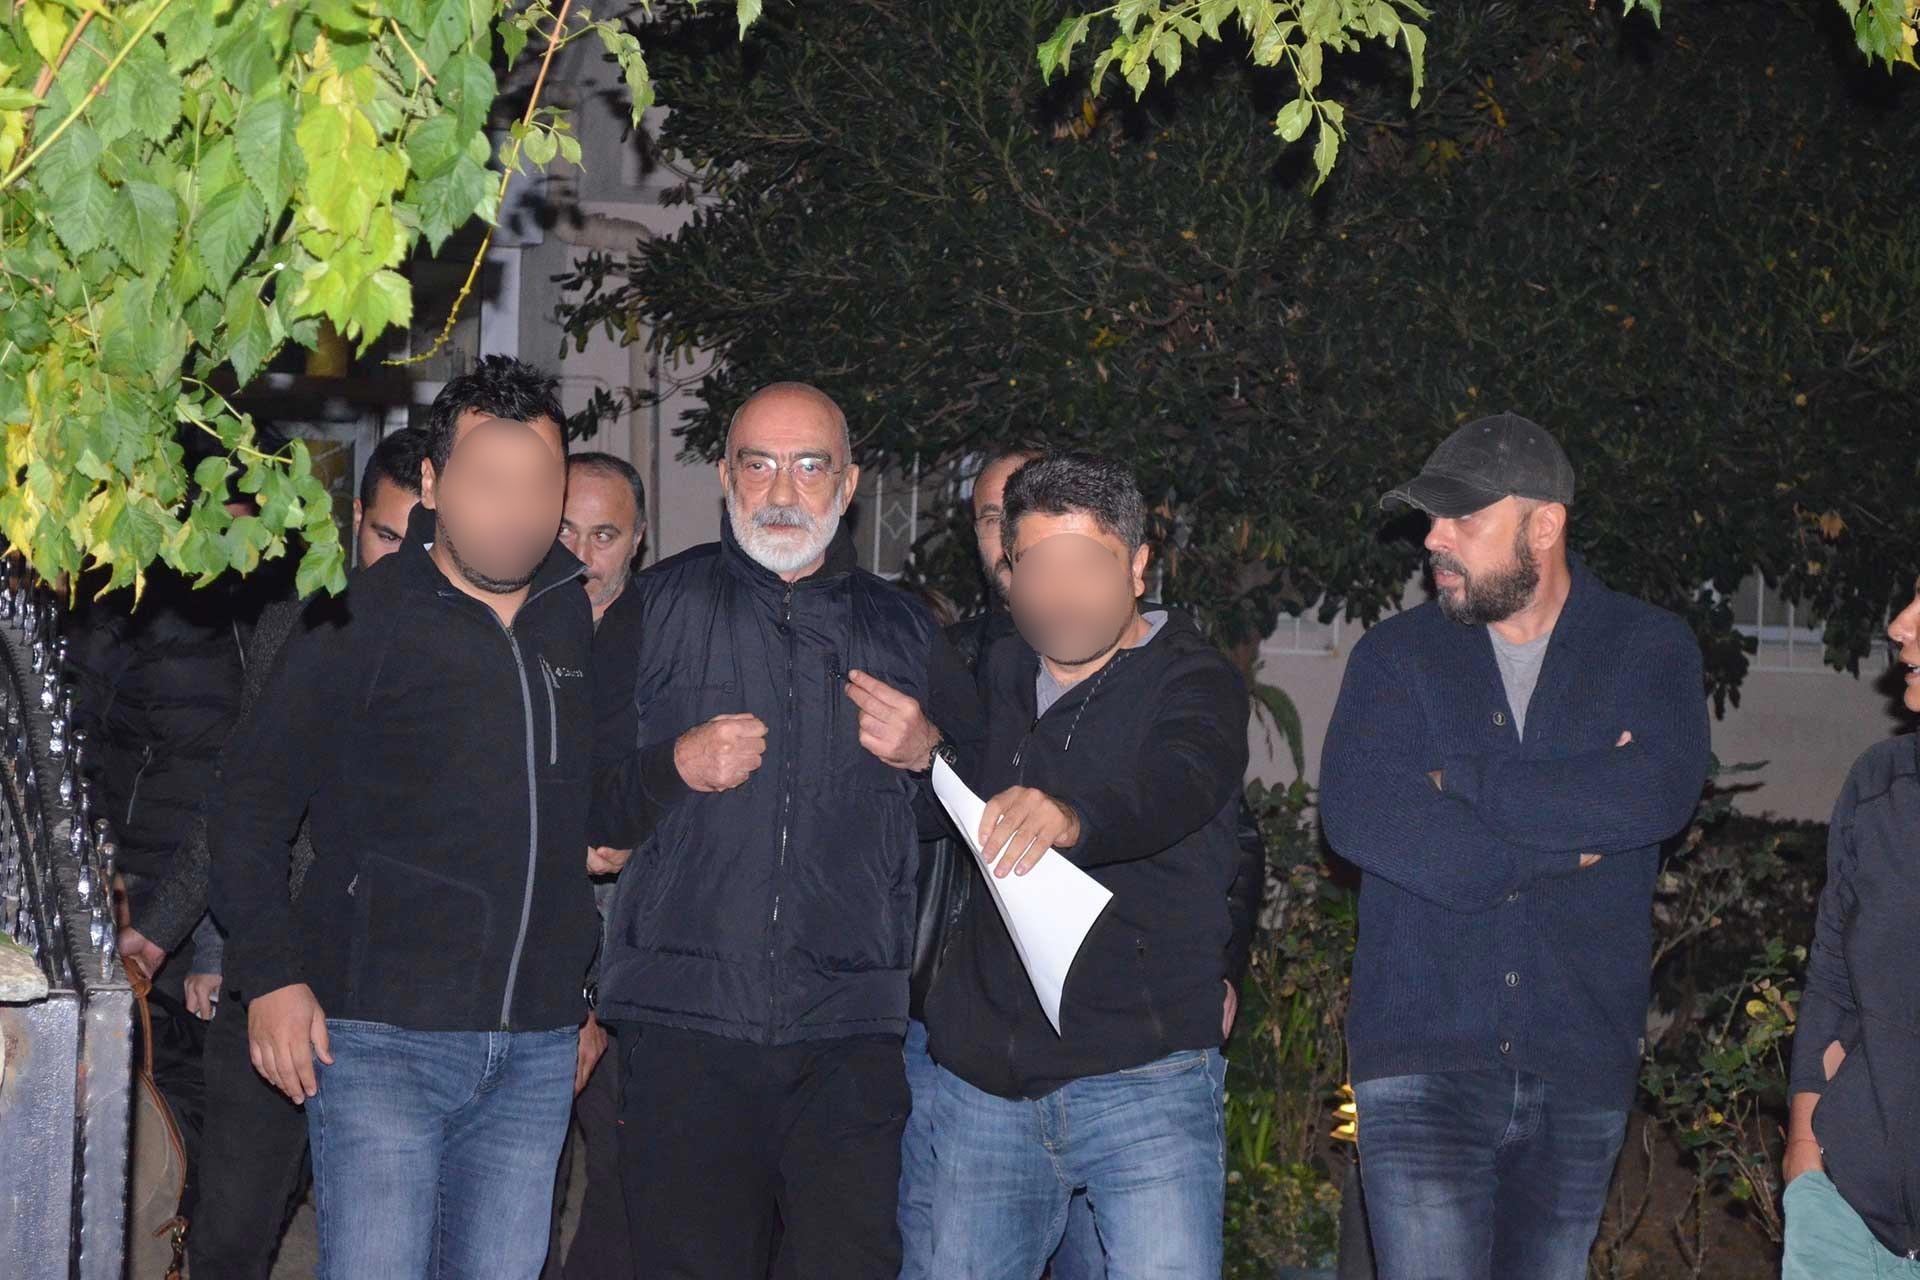 Gazeteci Ahmet Altan gözaltına alınırken